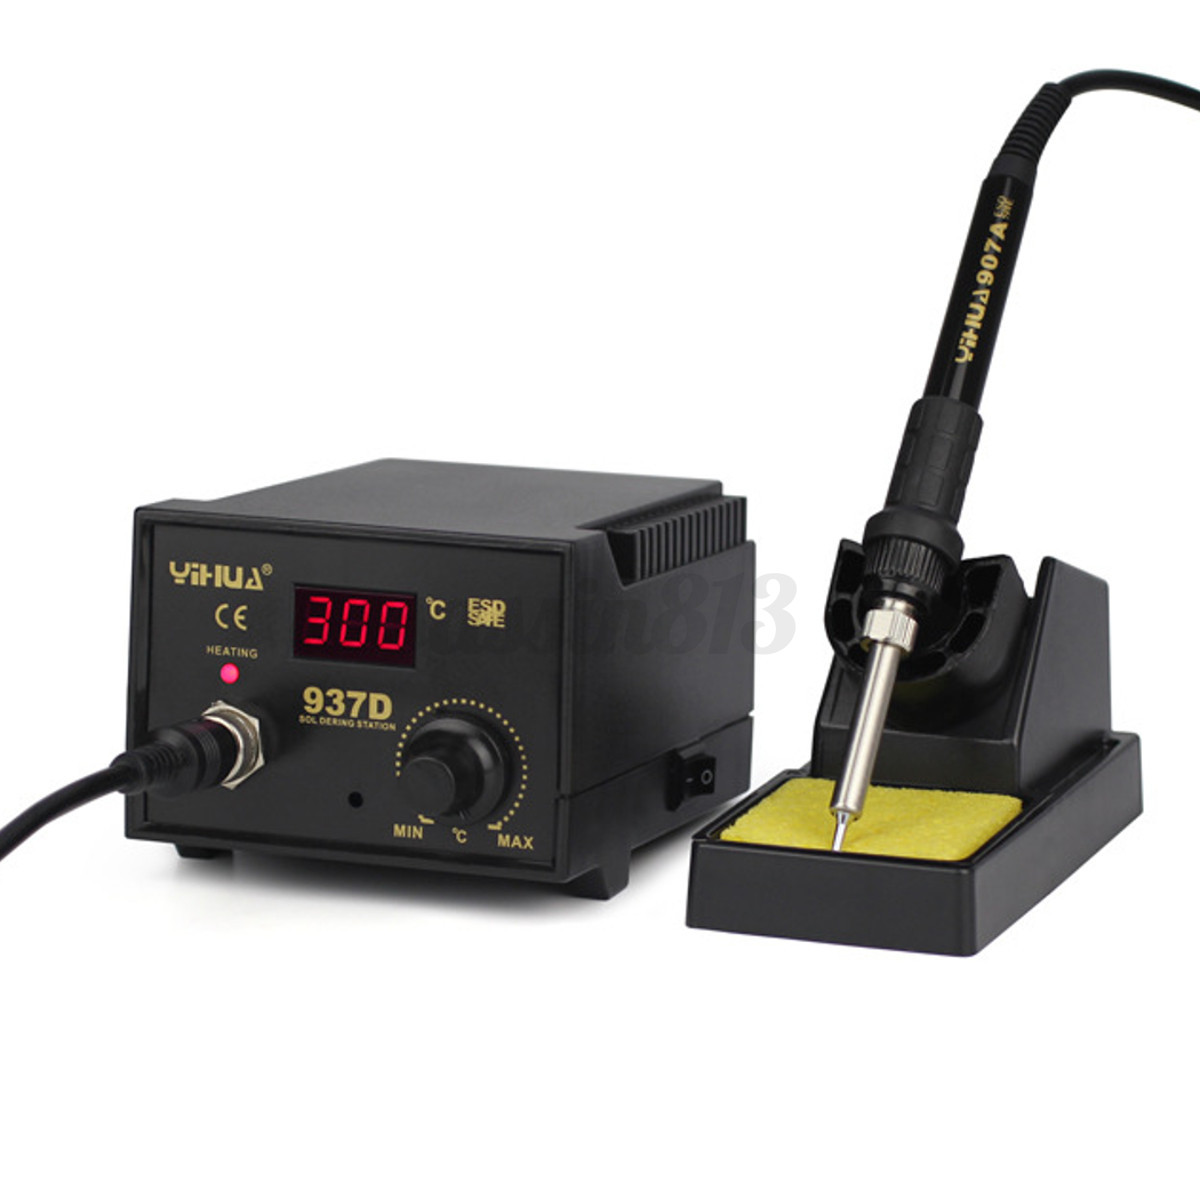 937d 220v solder soldering iron station welding smd tool stand esd er gadgets ebay. Black Bedroom Furniture Sets. Home Design Ideas